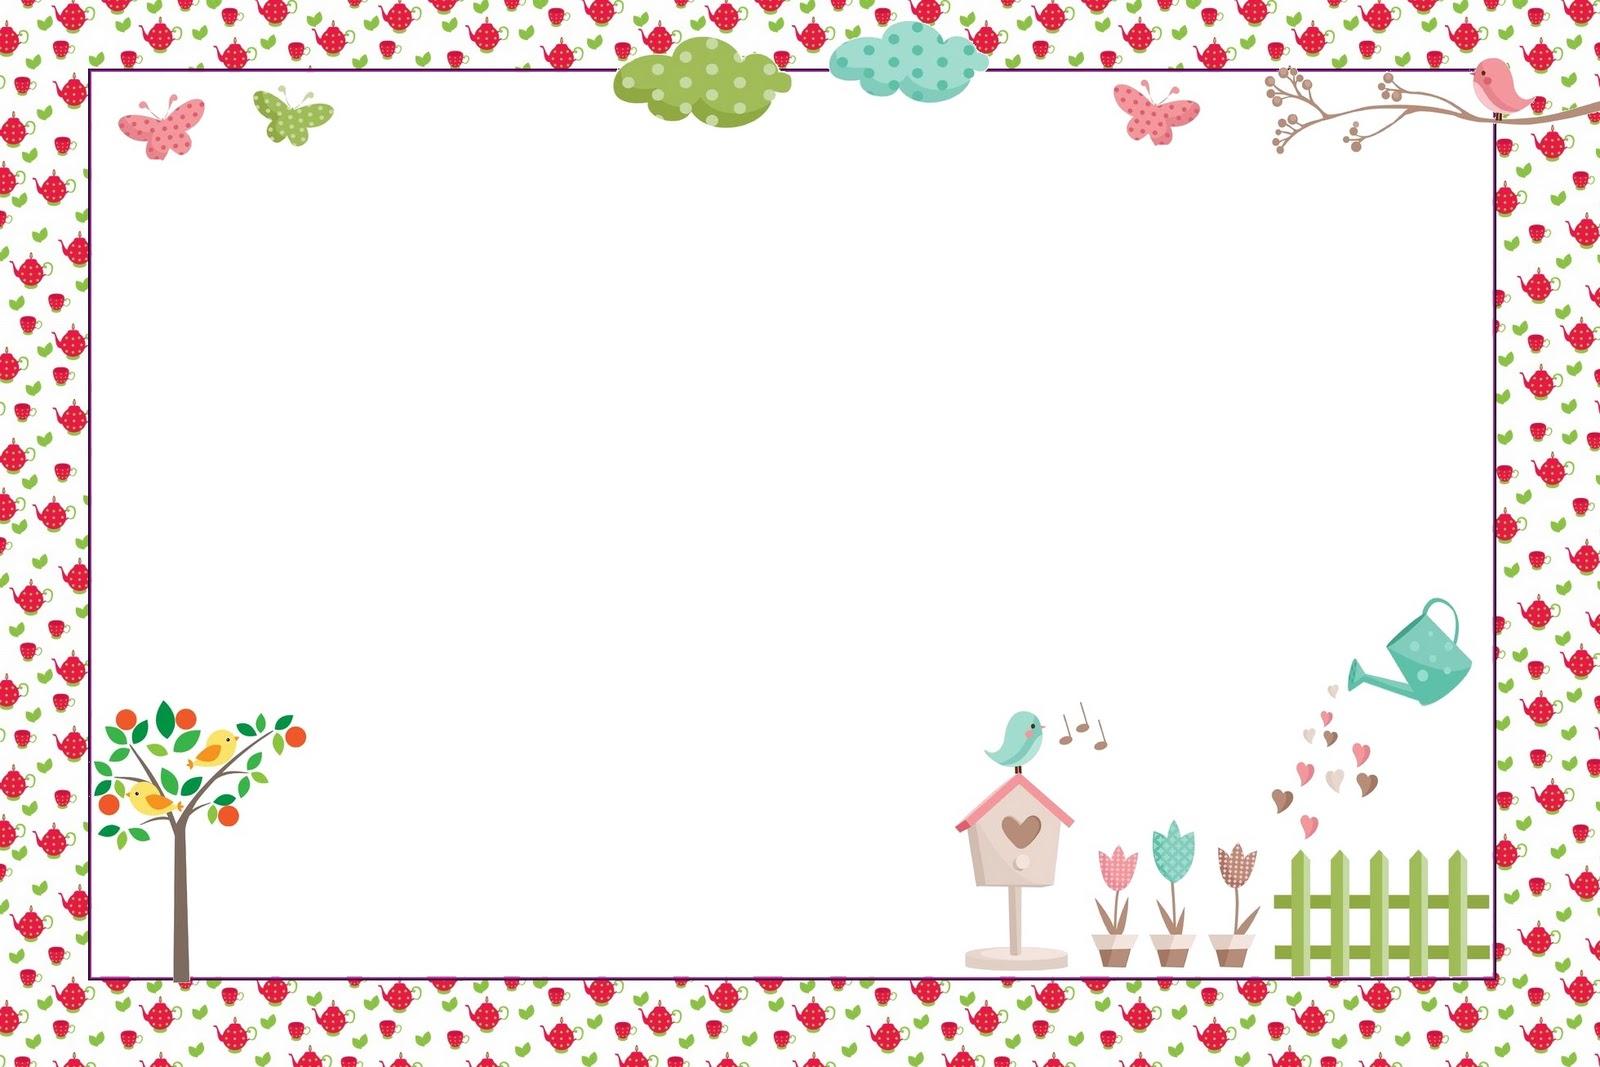 imagens jardim de rosas:Jardim de Flores Rosa e Azul – Kit Completo com molduras para convites